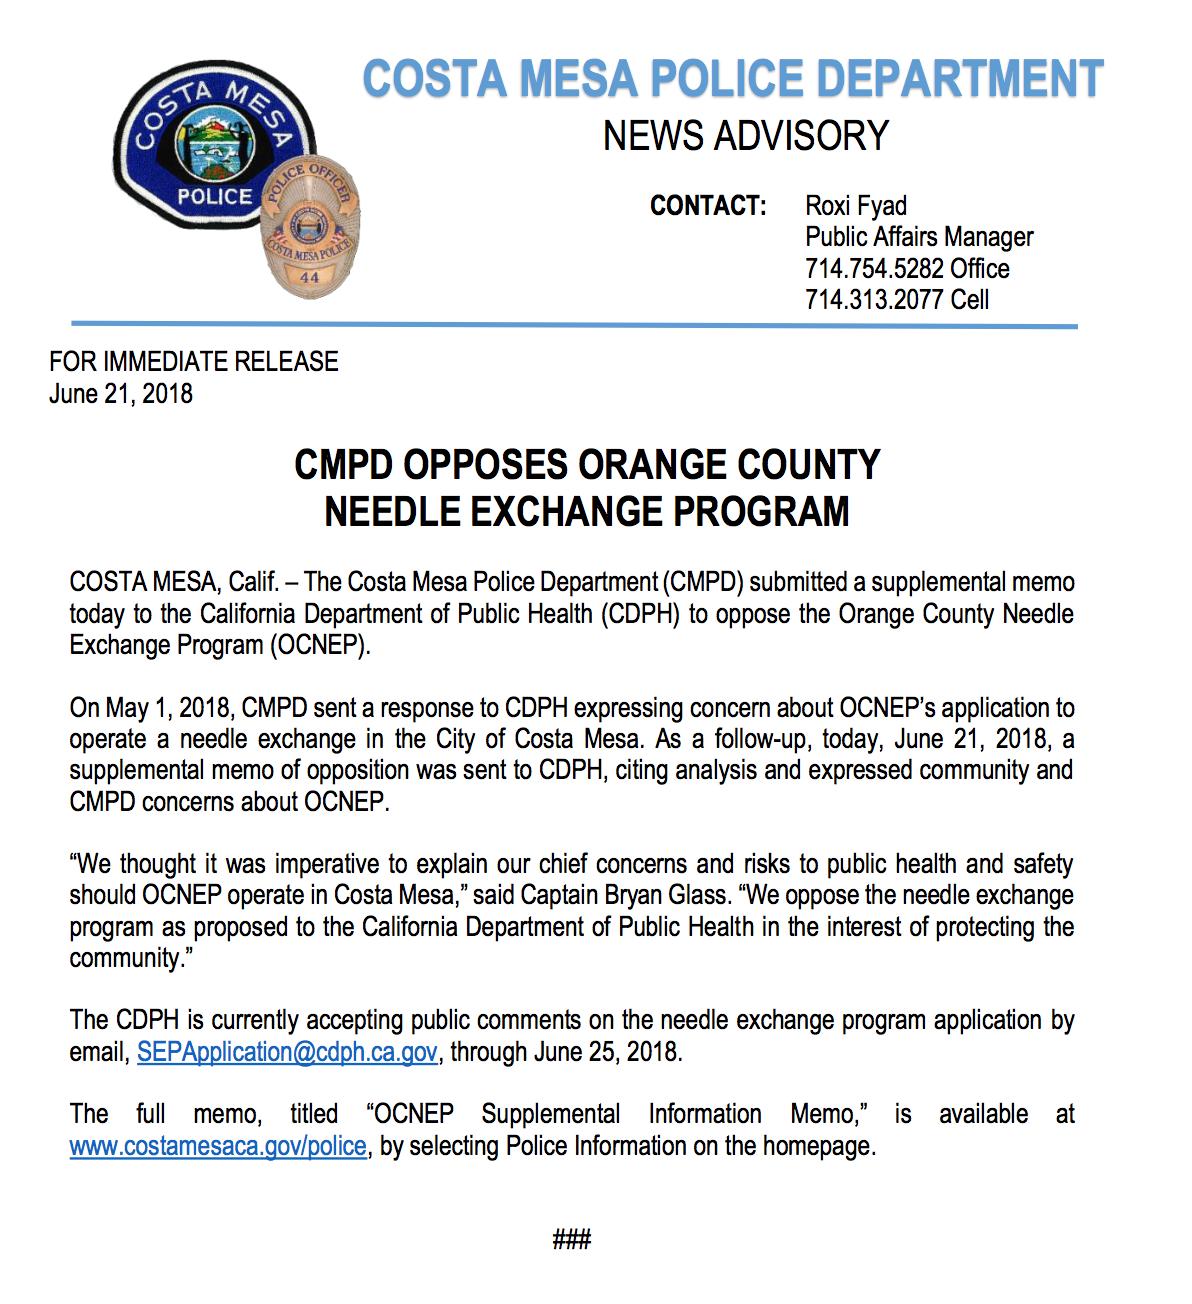 CMPD opposes the OC Needle Exchange Program (Costa Mesa